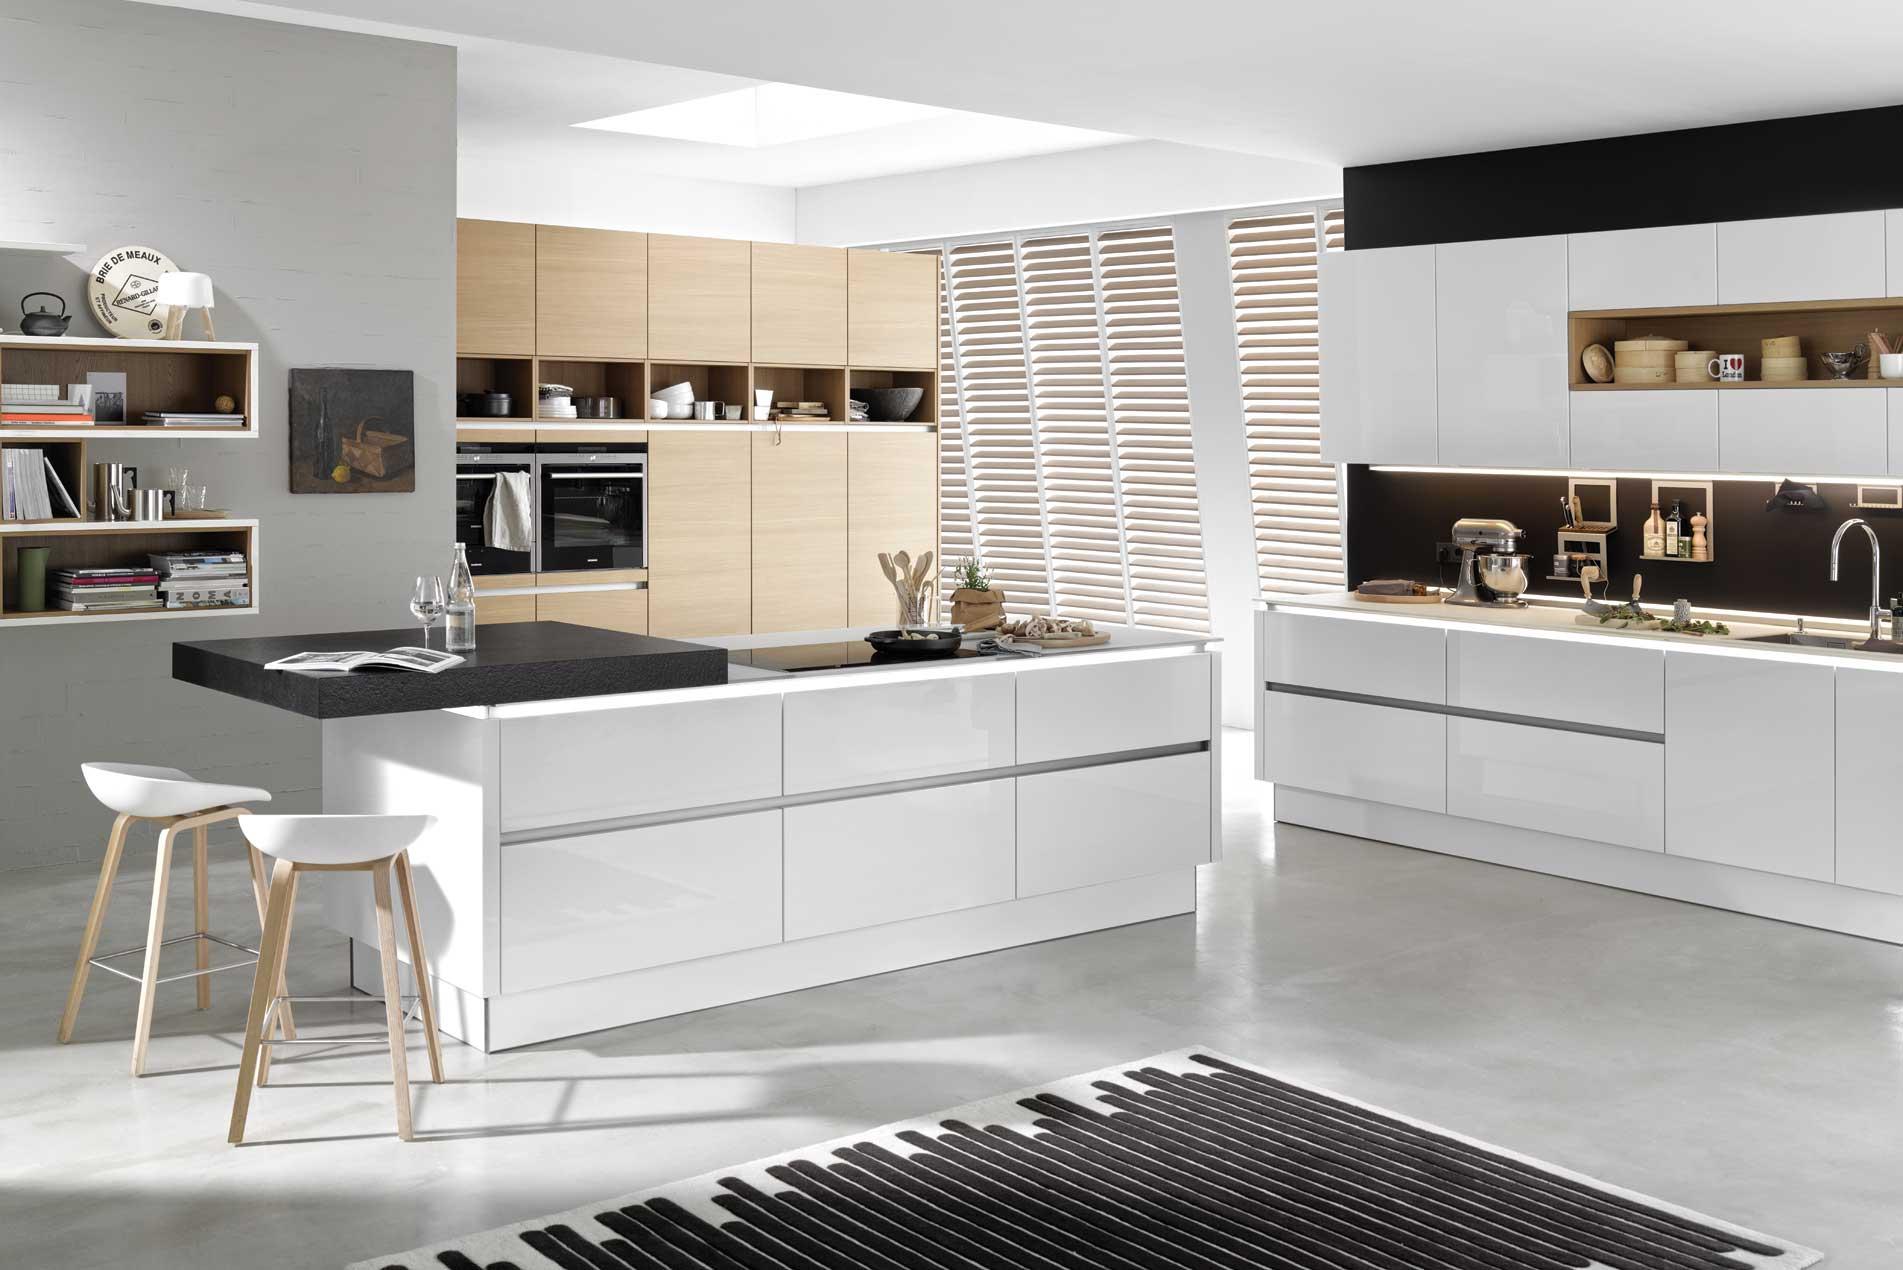 Magasin Salle De Bain Reims ~ magasin salle de bain reims interesting fabulous cuisine salle de